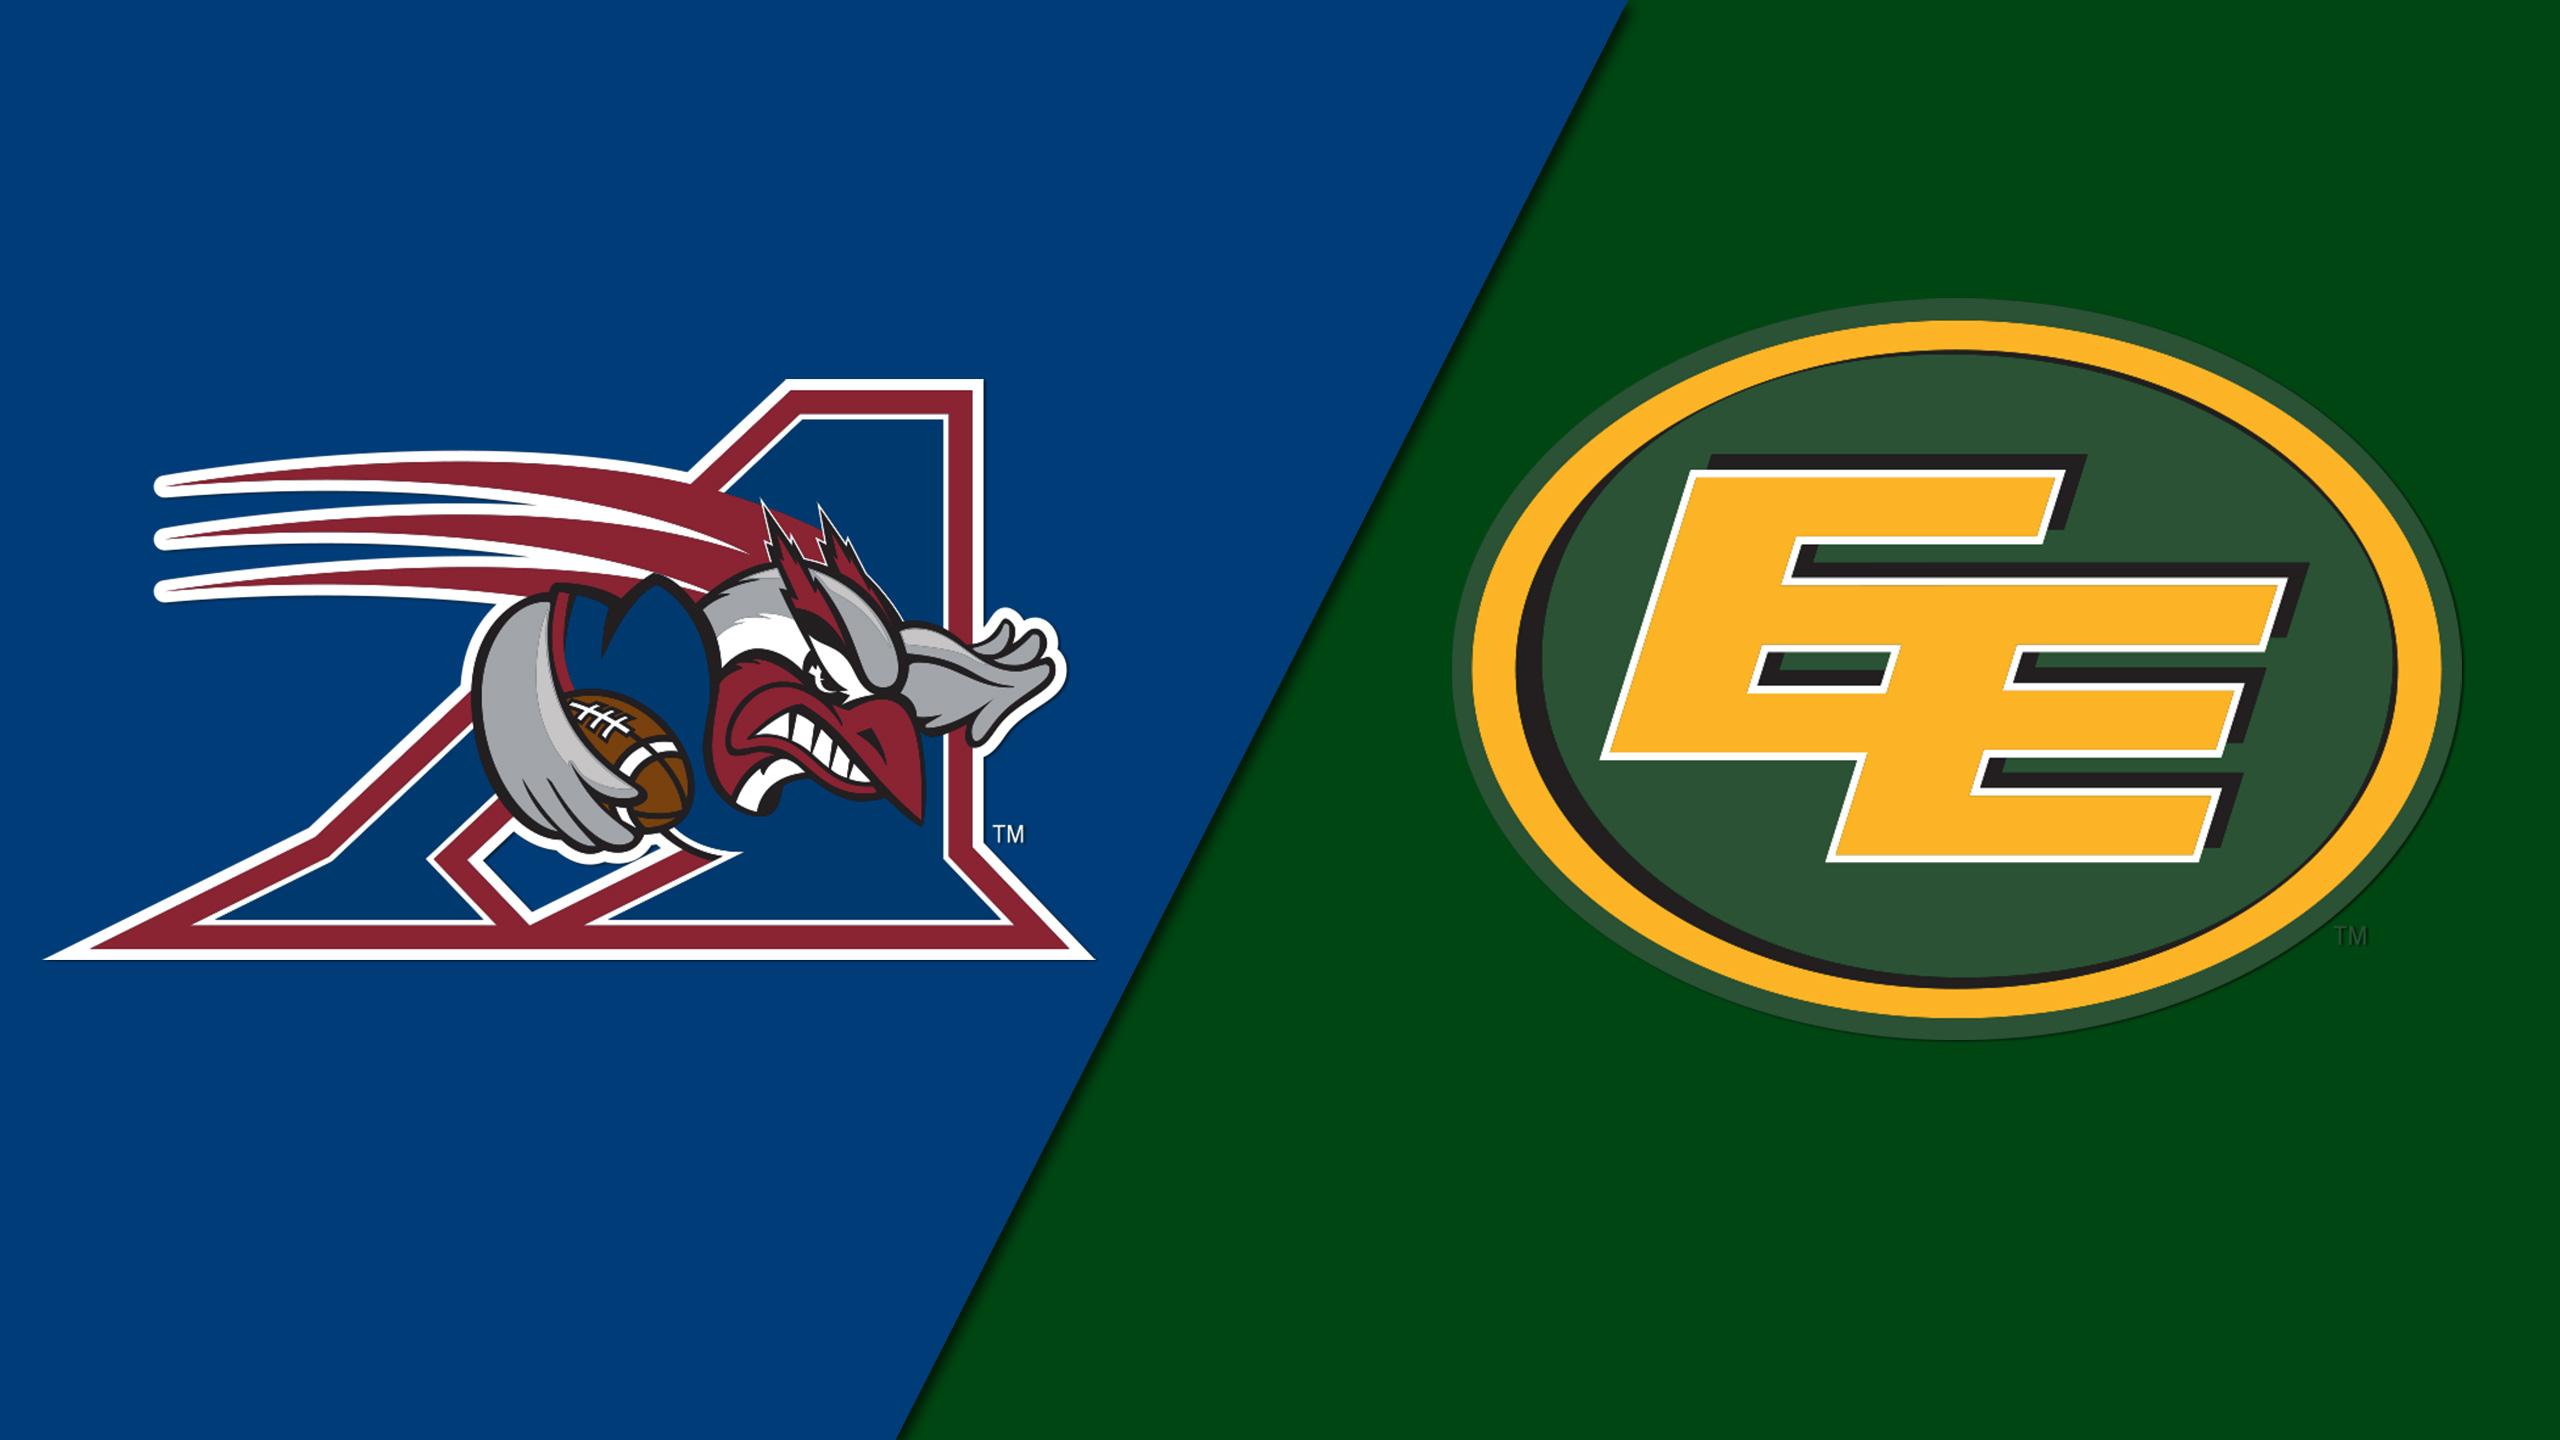 Montreal Alouettes vs. Edmonton Eskimos